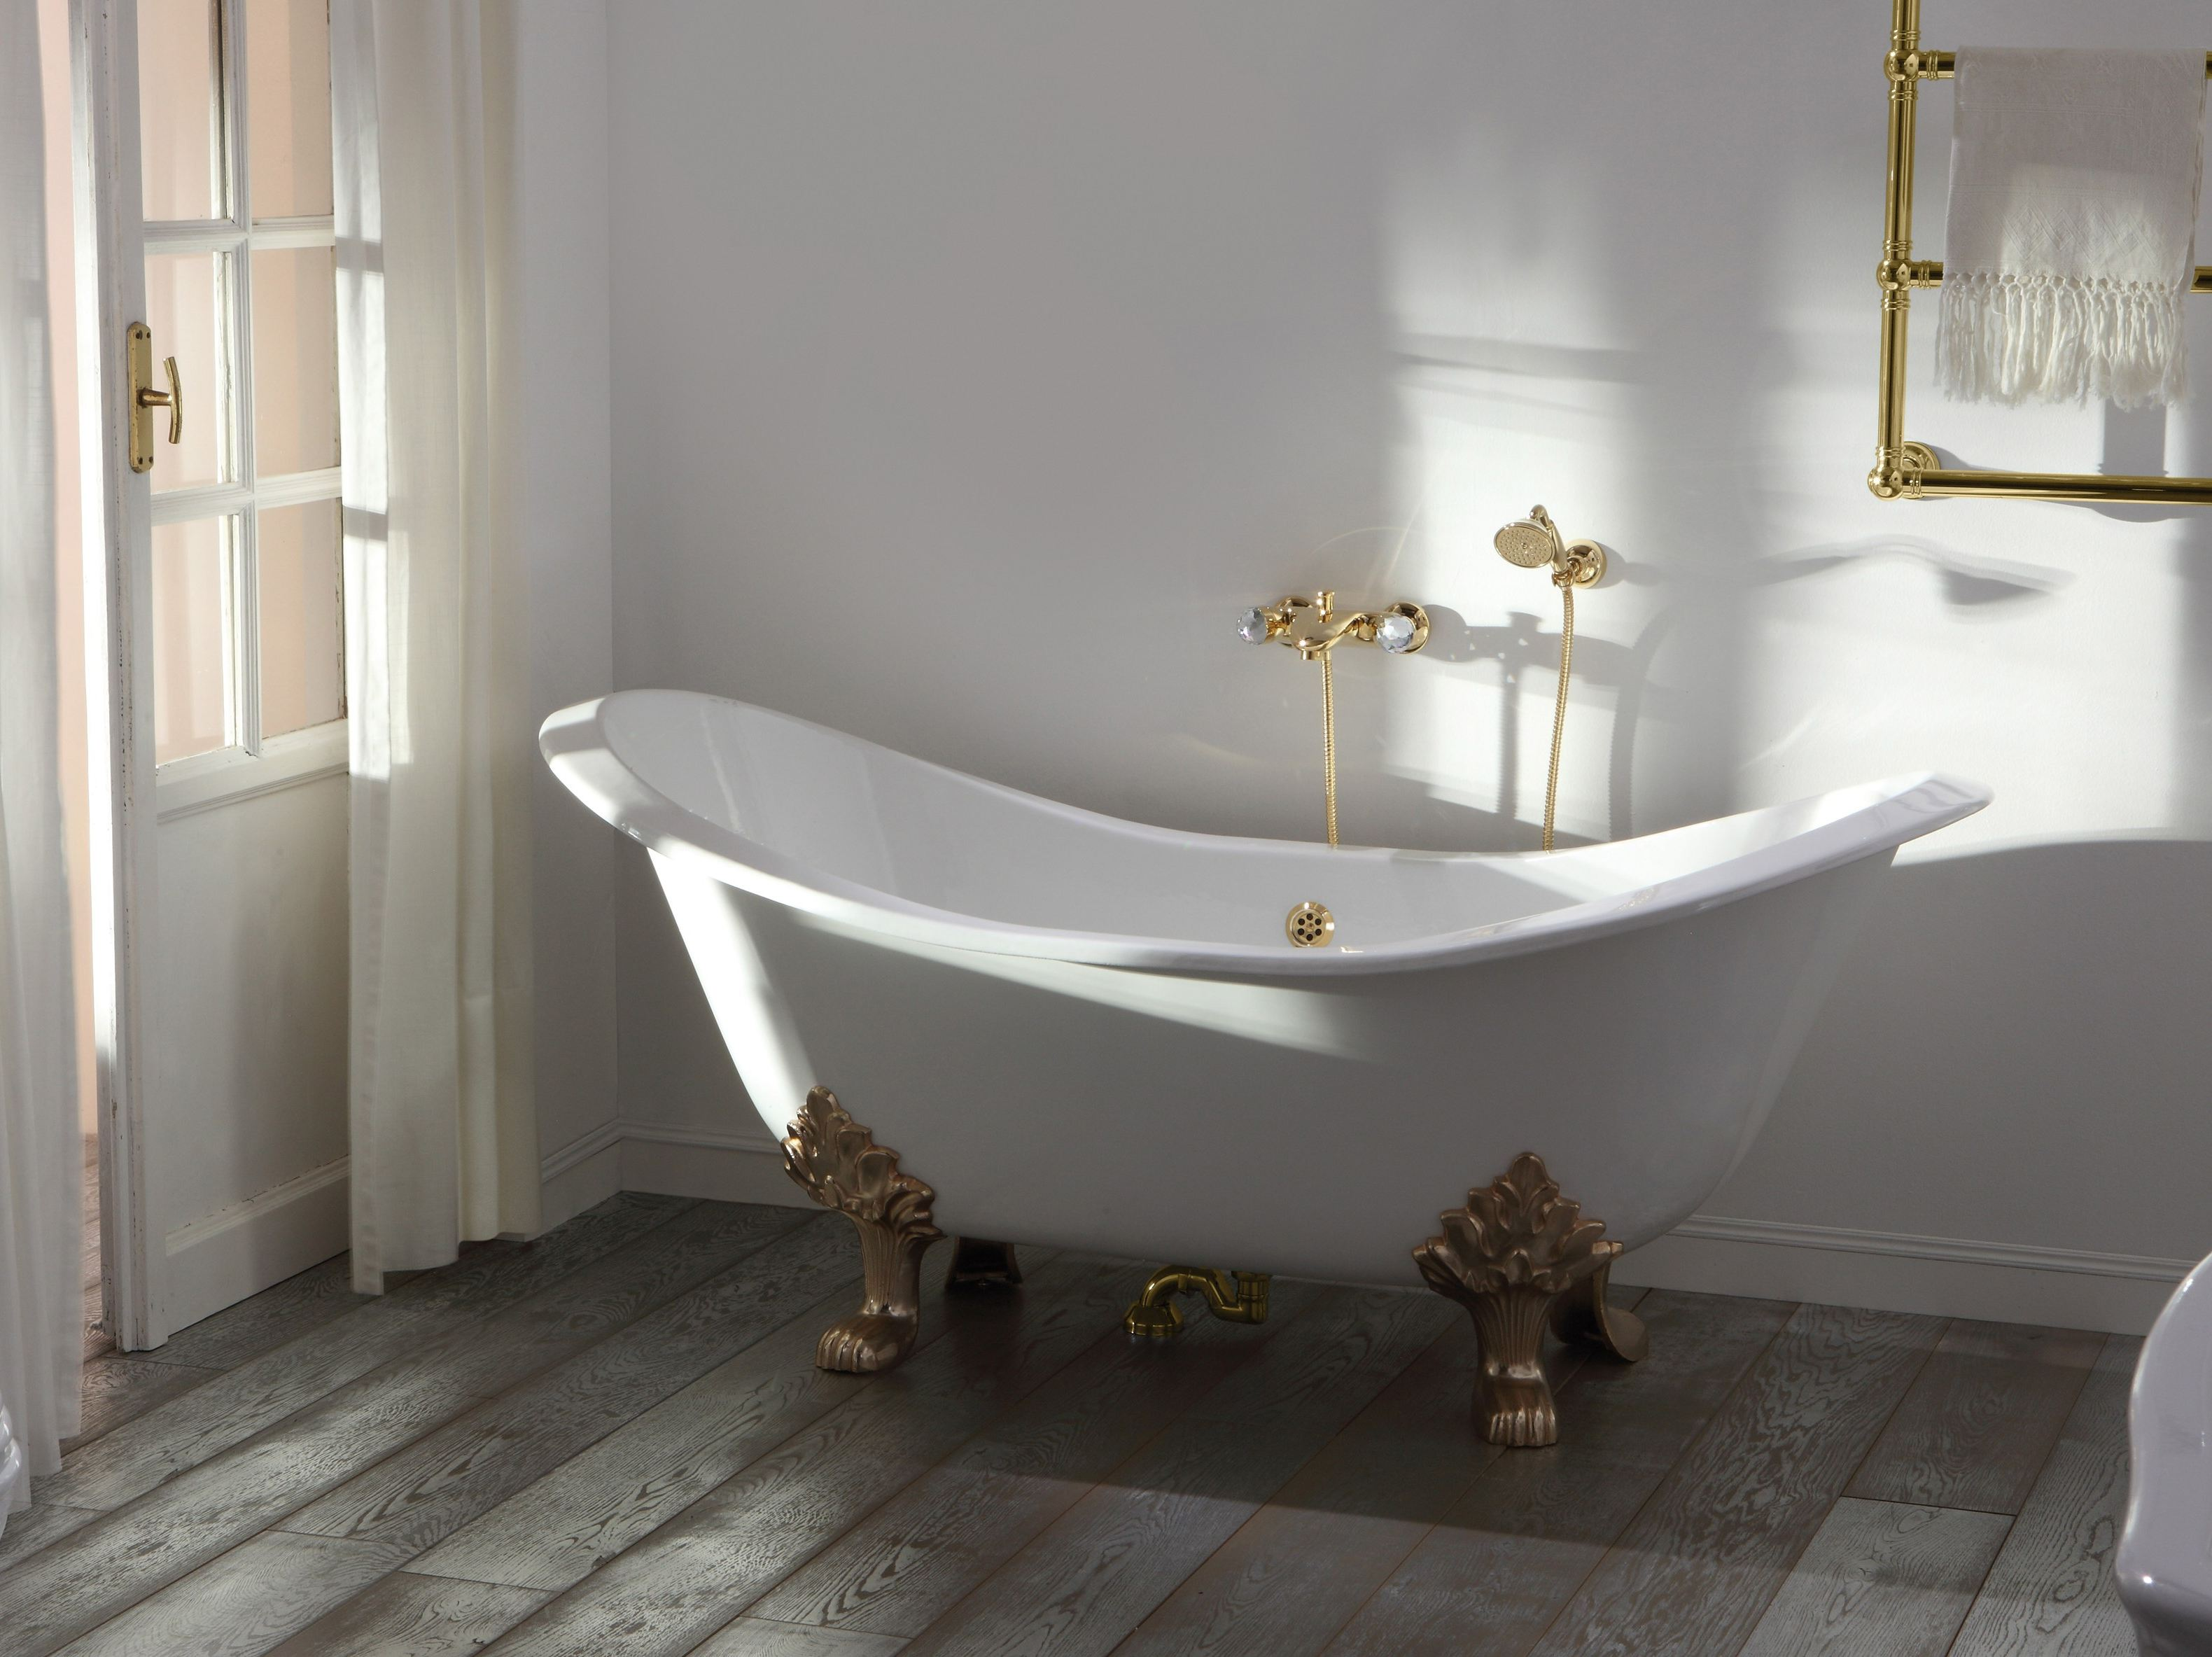 Bath Vasca Da Bagno In Inglese : Bagno in inglese idee per la casa douglasfalls.com